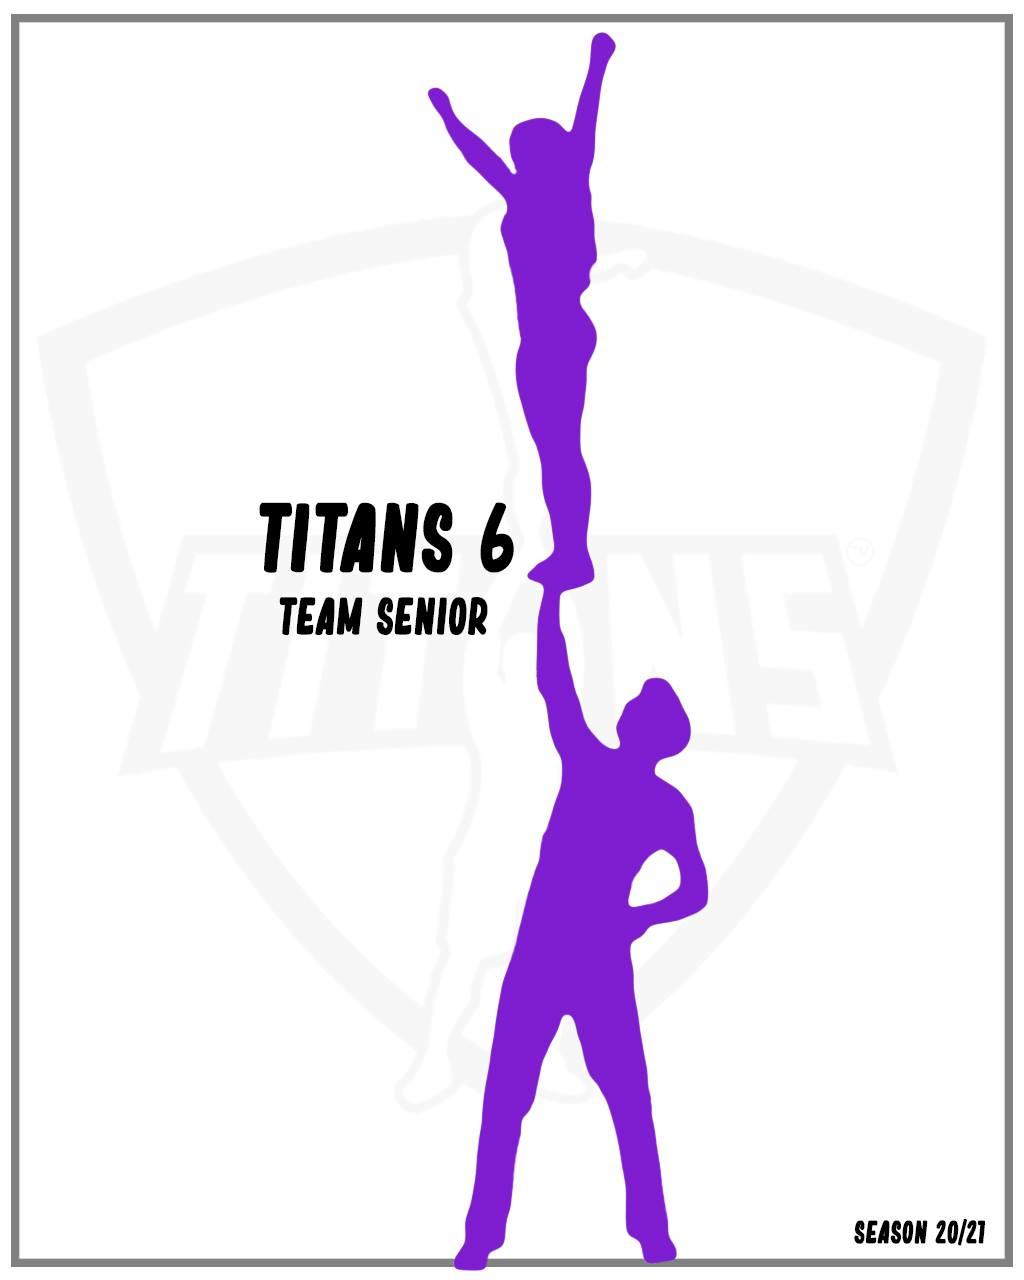 Titans6